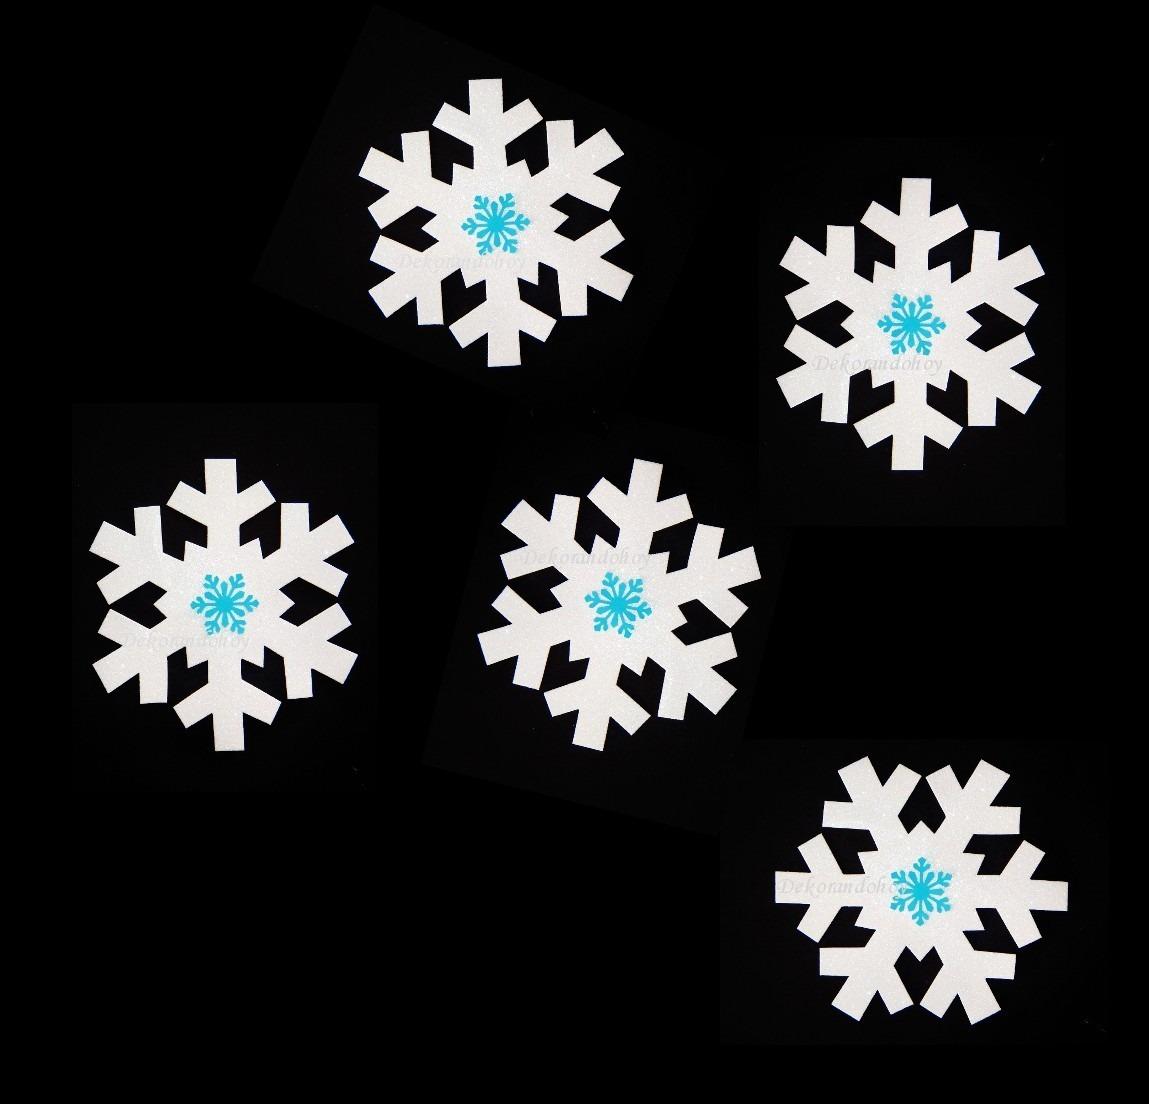 Copos nieve frozen goma eva foamy adorno navidad - Adornos de navidad con cartulina ...